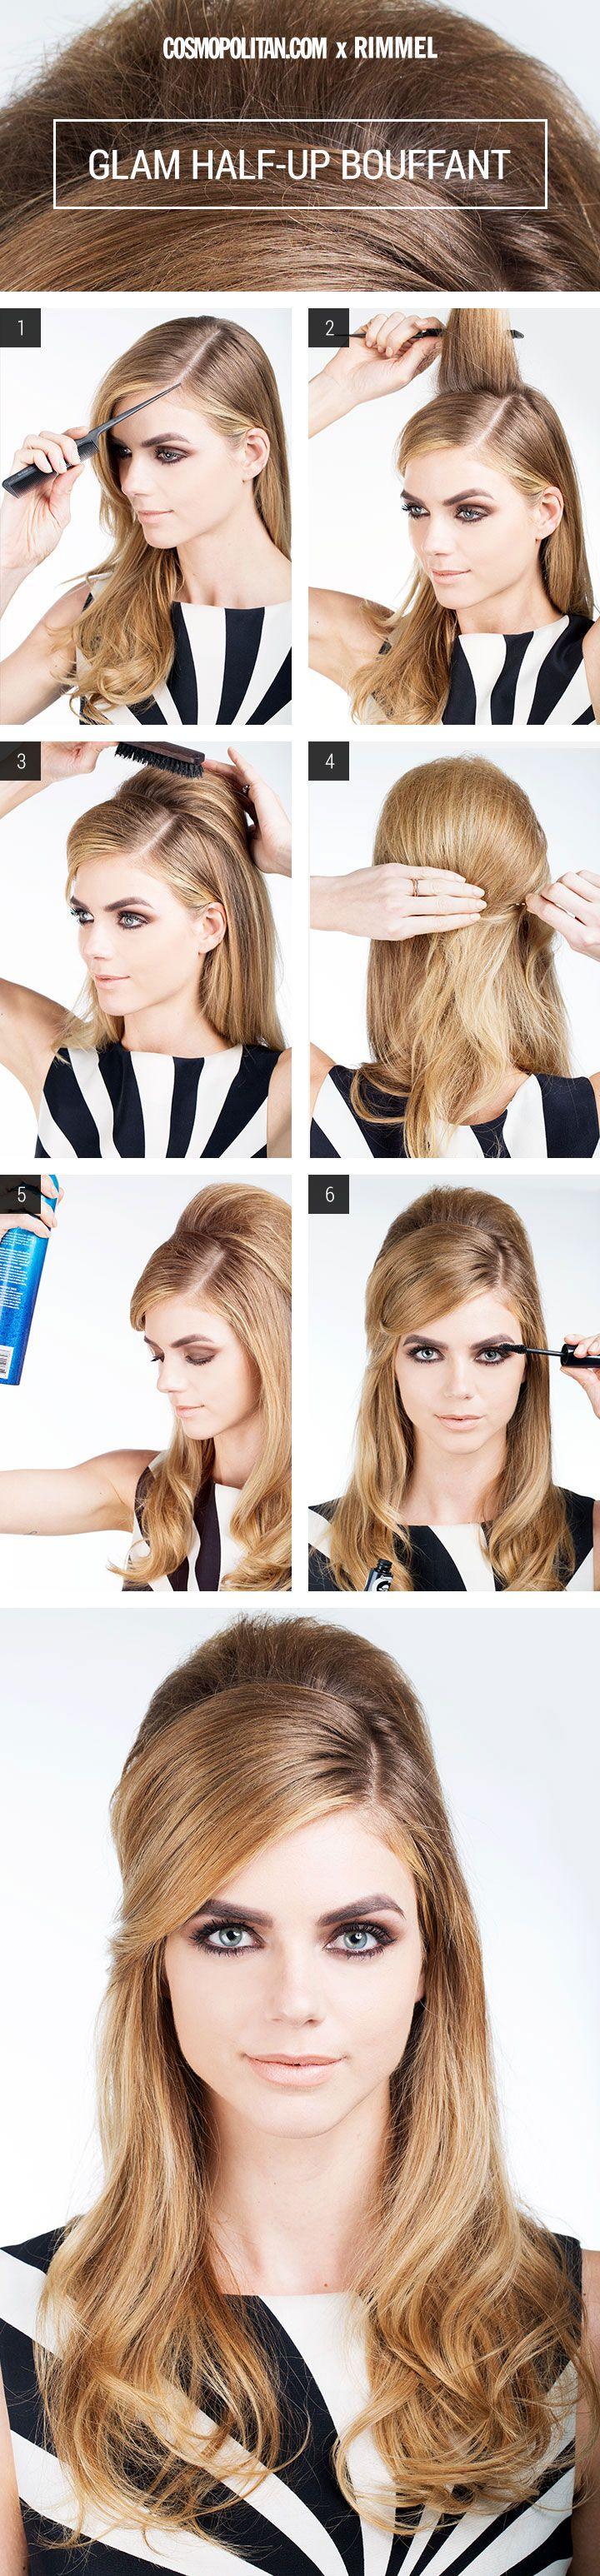 598 best hair images on Pinterest